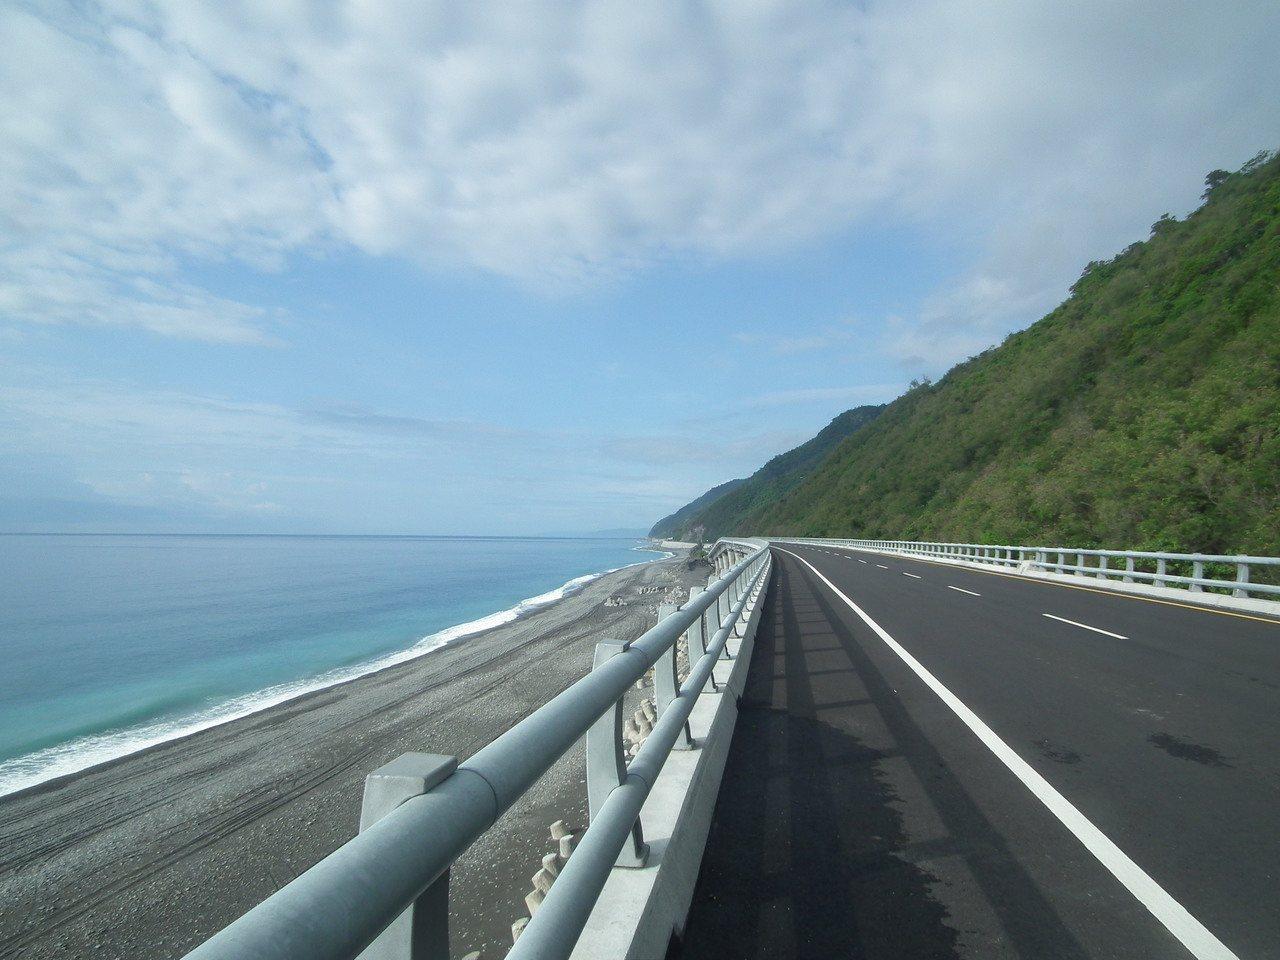 台東南迴公路「多良高架橋」,無邊際海景讓人身心靈解放,被往來駕駛朋友稱為最「療癒...